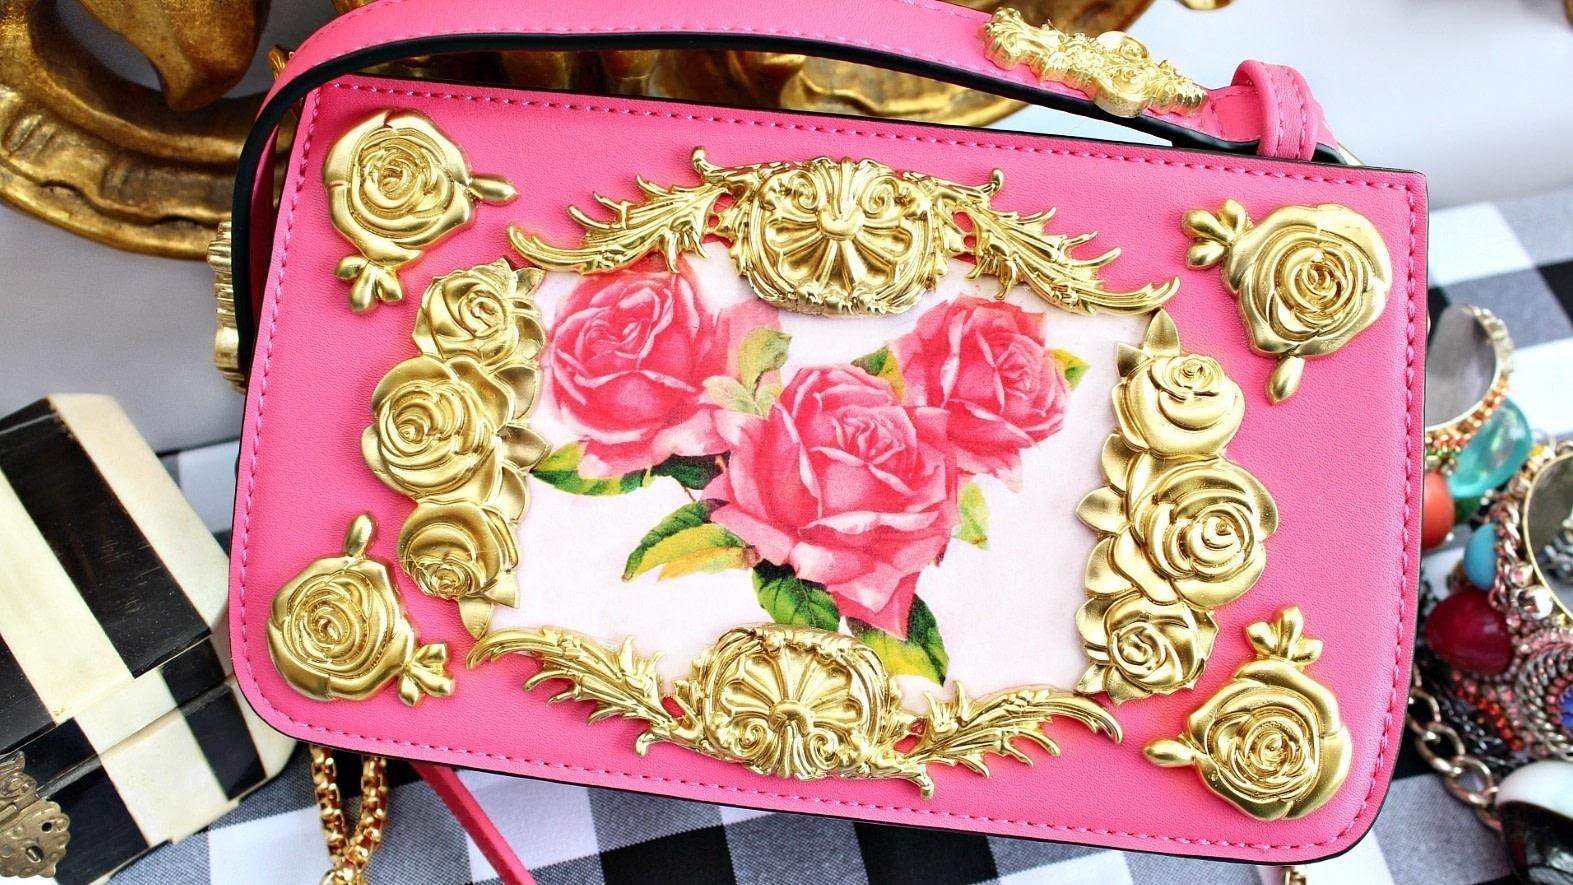 Dolce \u0026 Gabbana Inspired Handbag · How To Make A Handbag